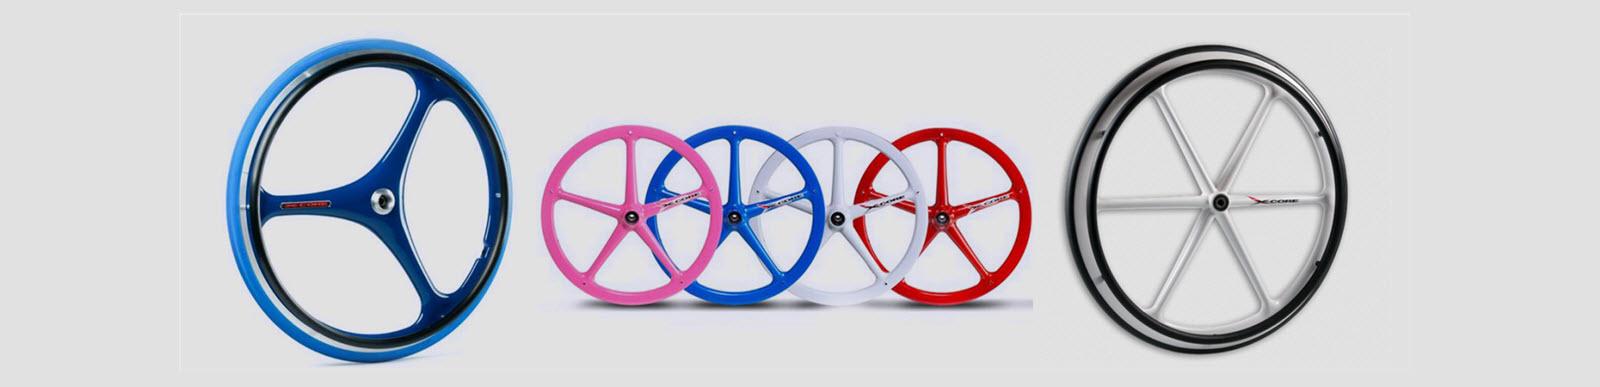 Xcore wheels